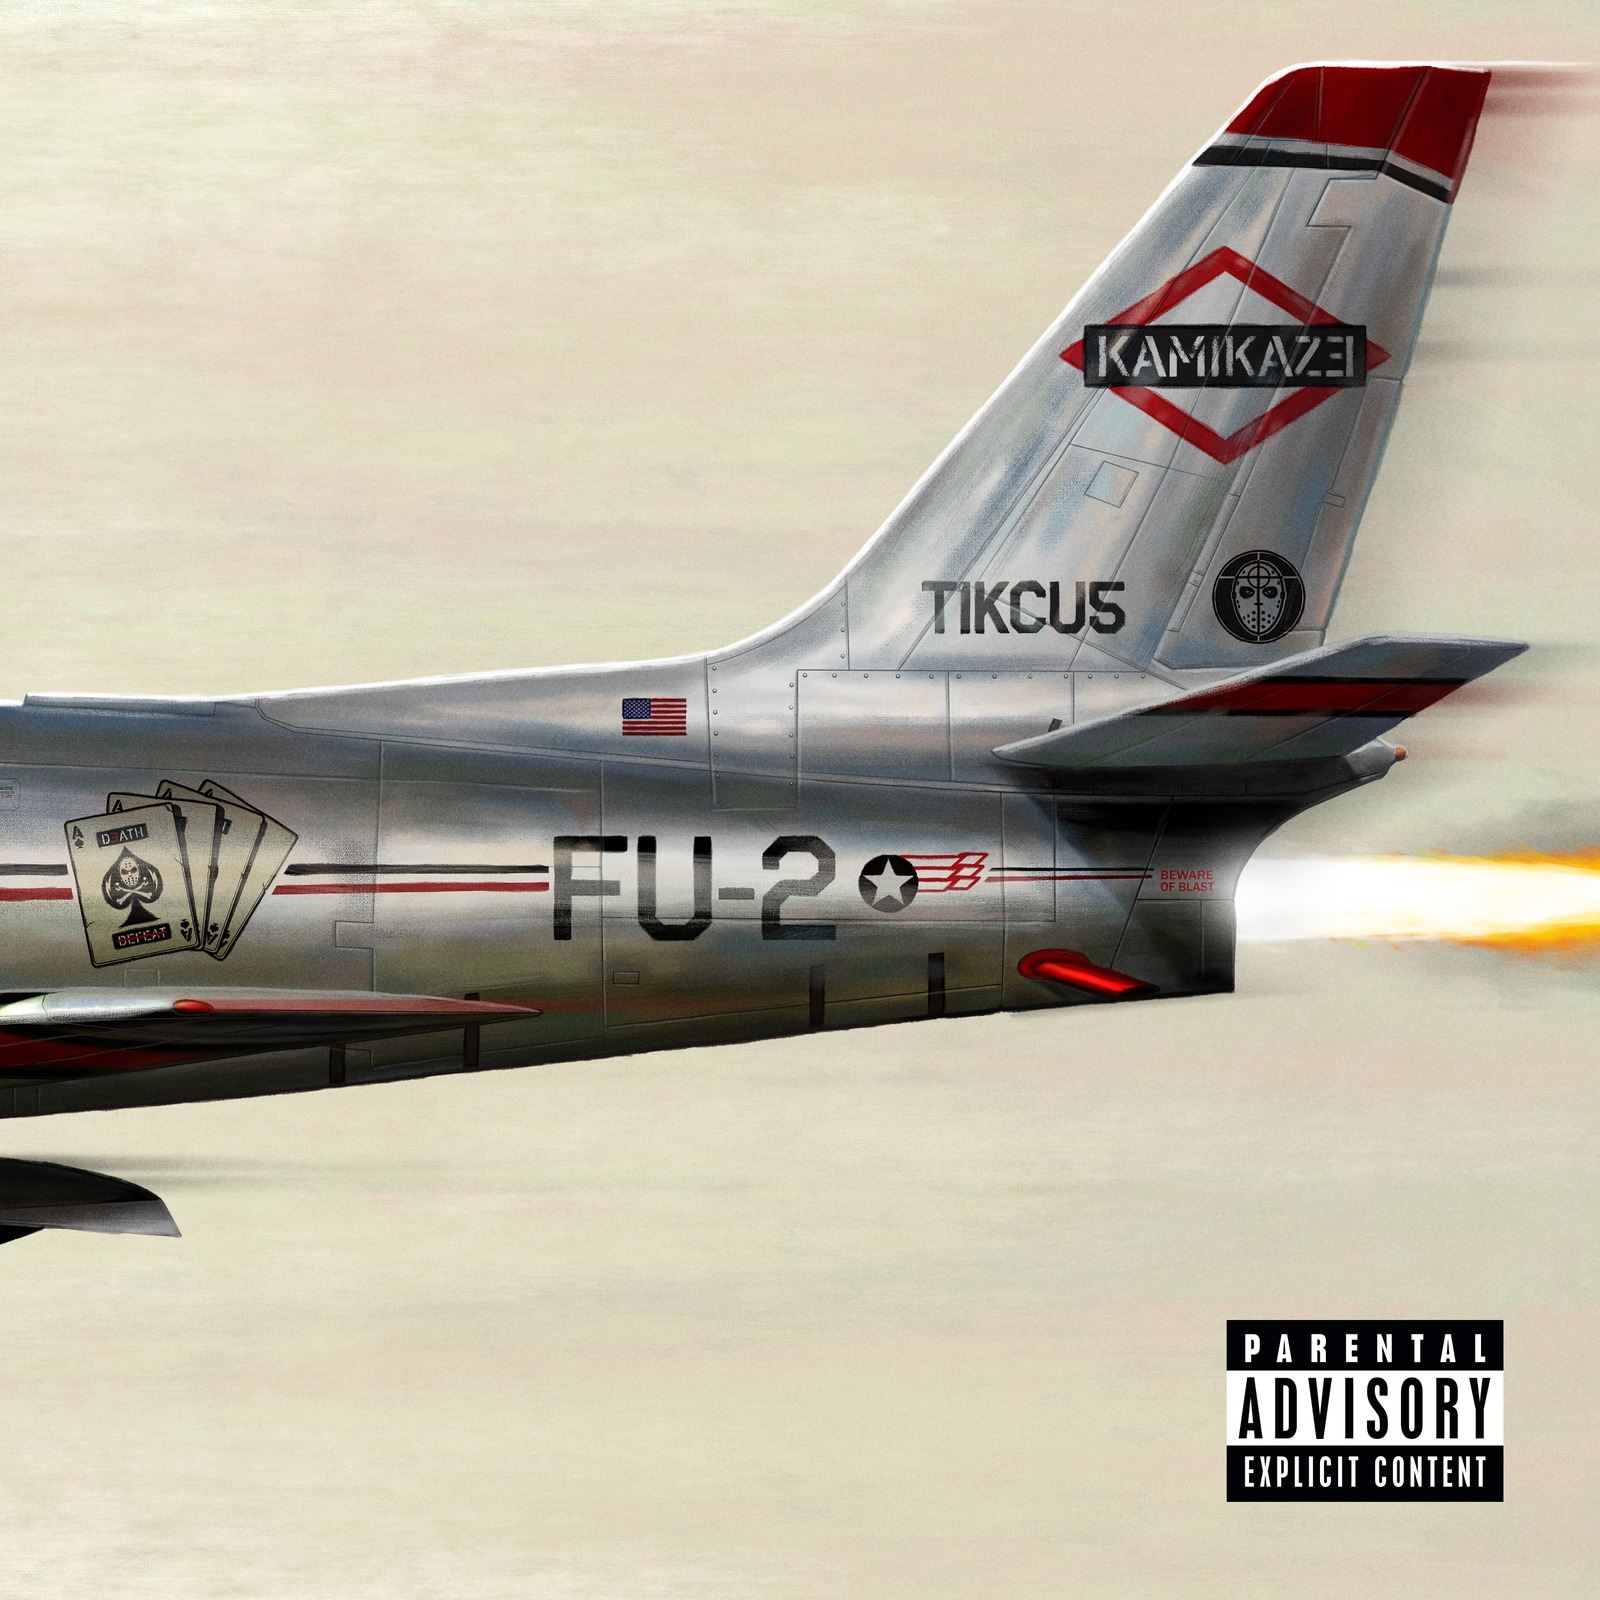 Kamikaze by Eminem image